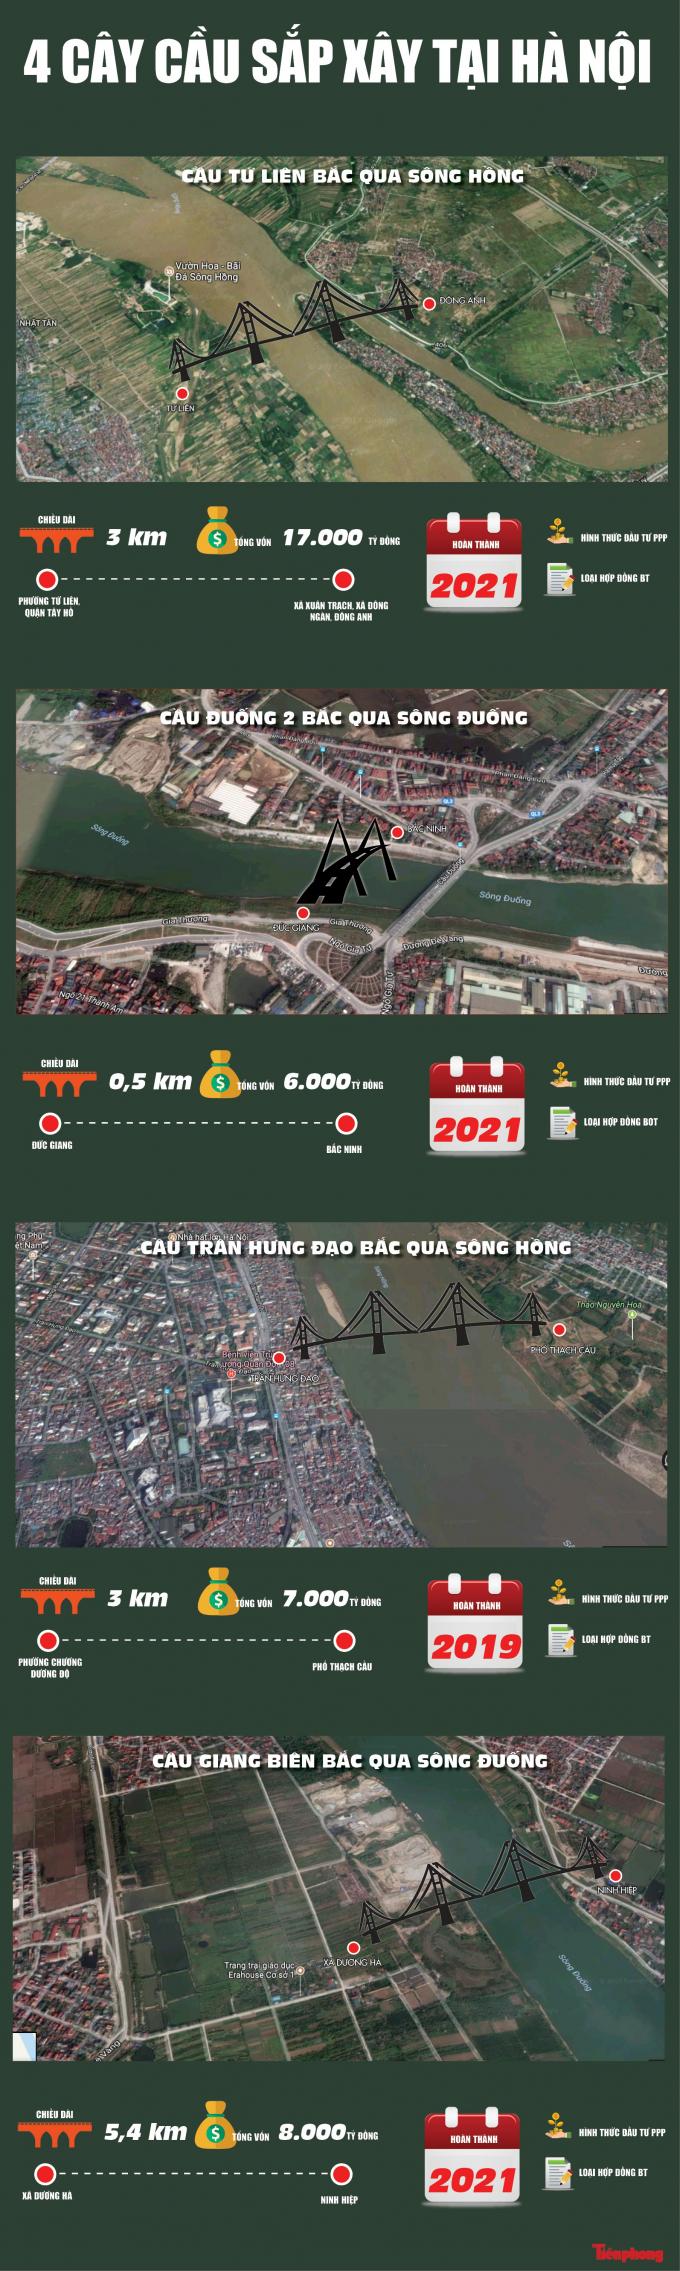 [ĐỒ HỌA] Cận cảnh 4 cây cầu nghìn tỷ sắp xây tại Hà Nội